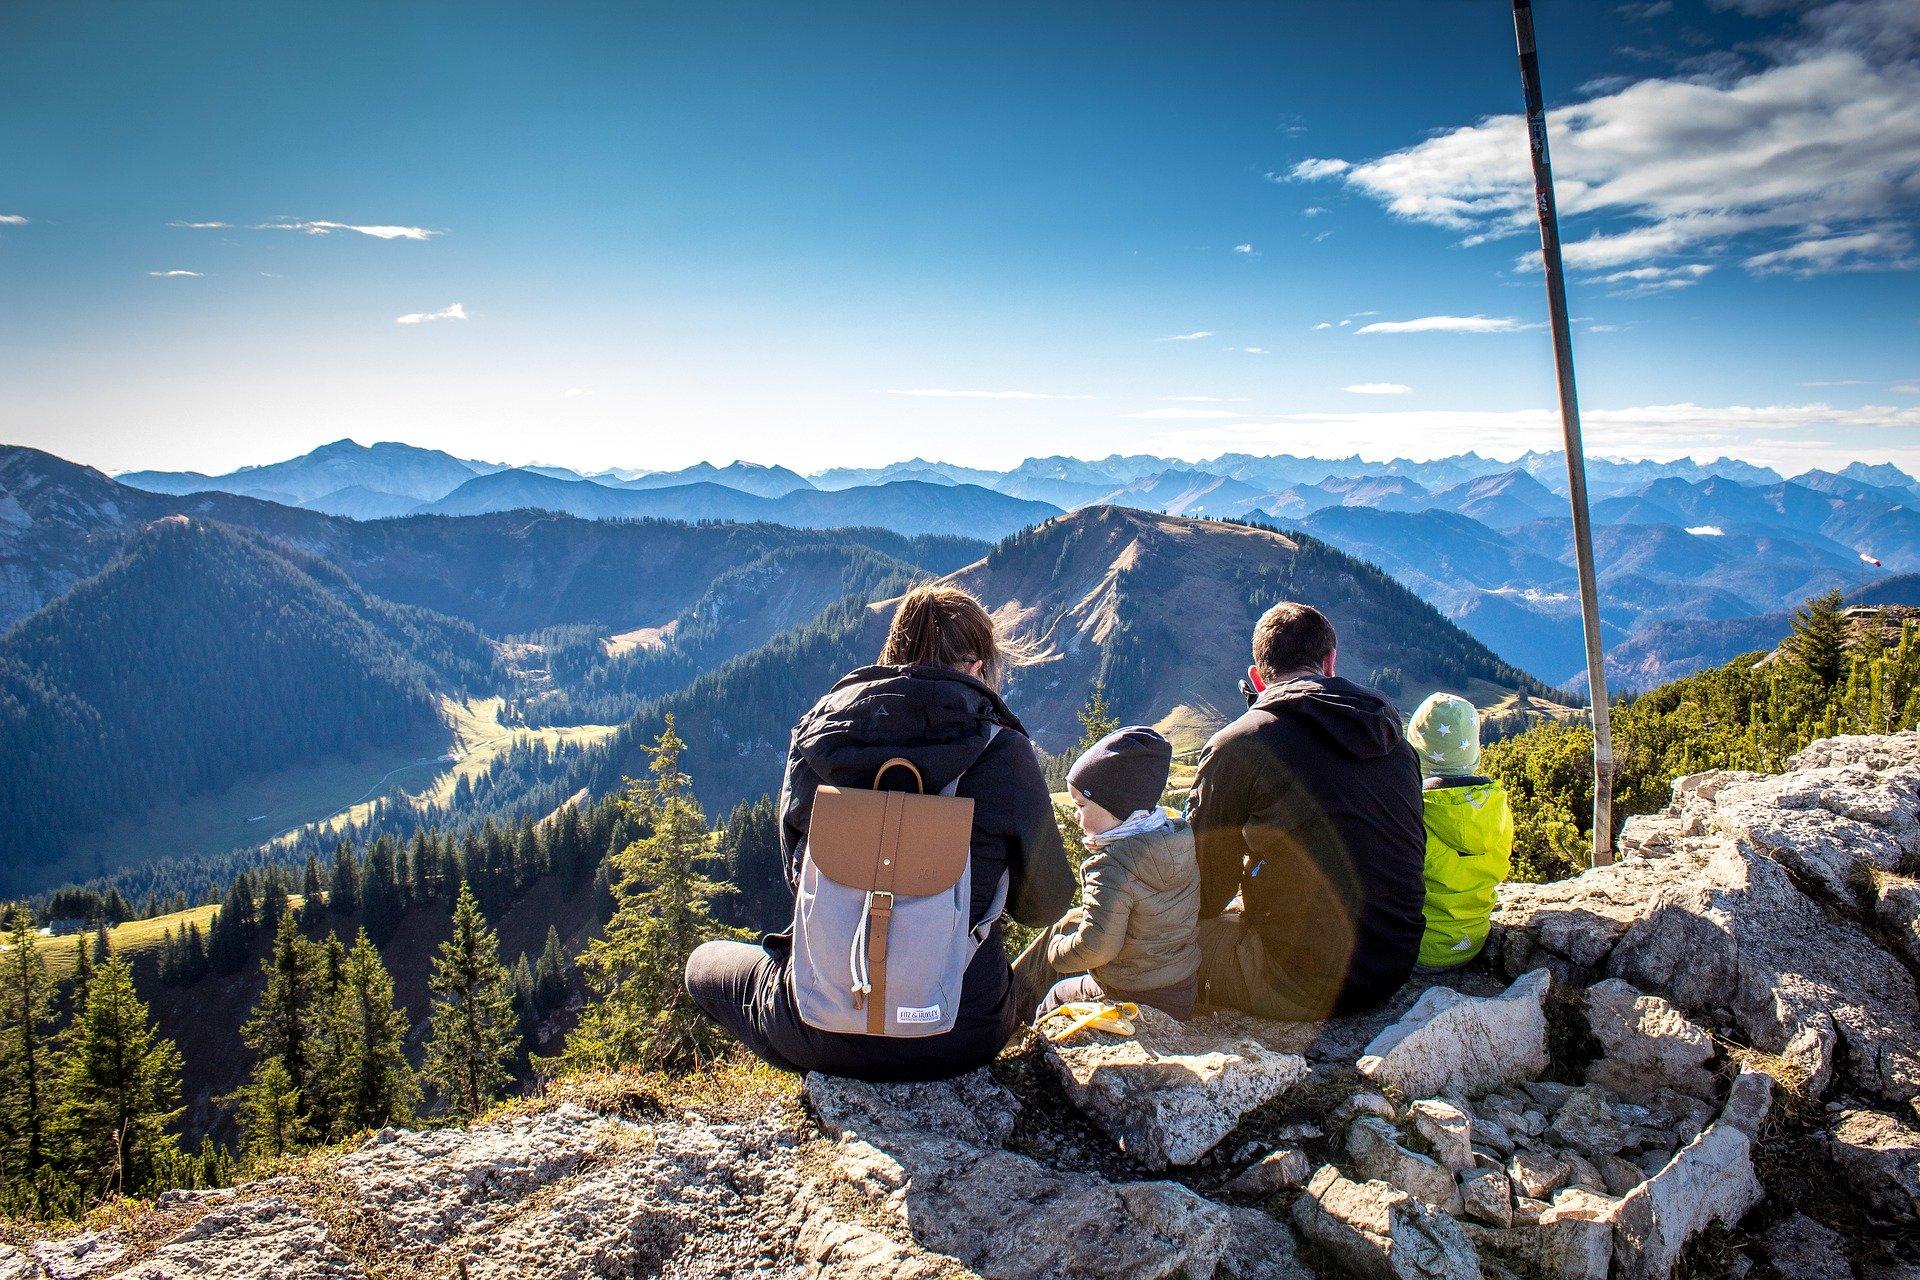 Vue de dos d'une famille qui est assise tout en haut d'une falaise et qui regarde le panorama